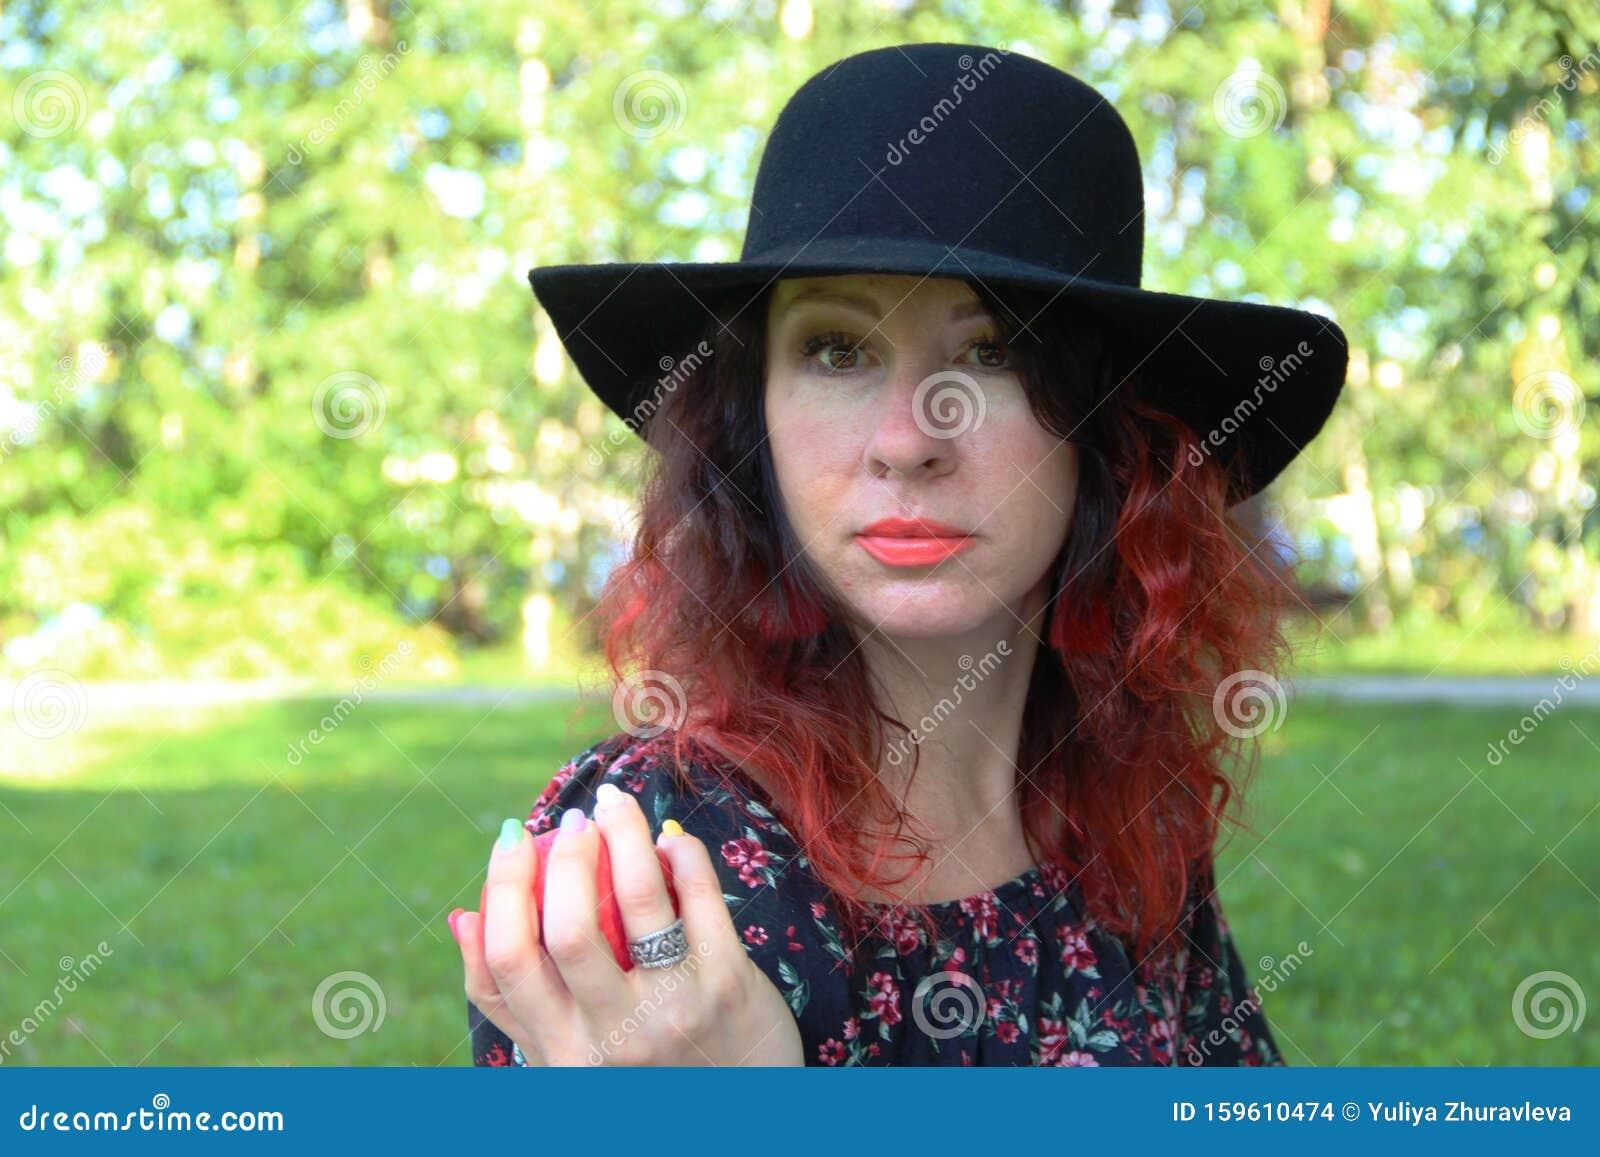 Lady Tratta Apple Donna Vestita Di Nero E Cappello, Con I ...